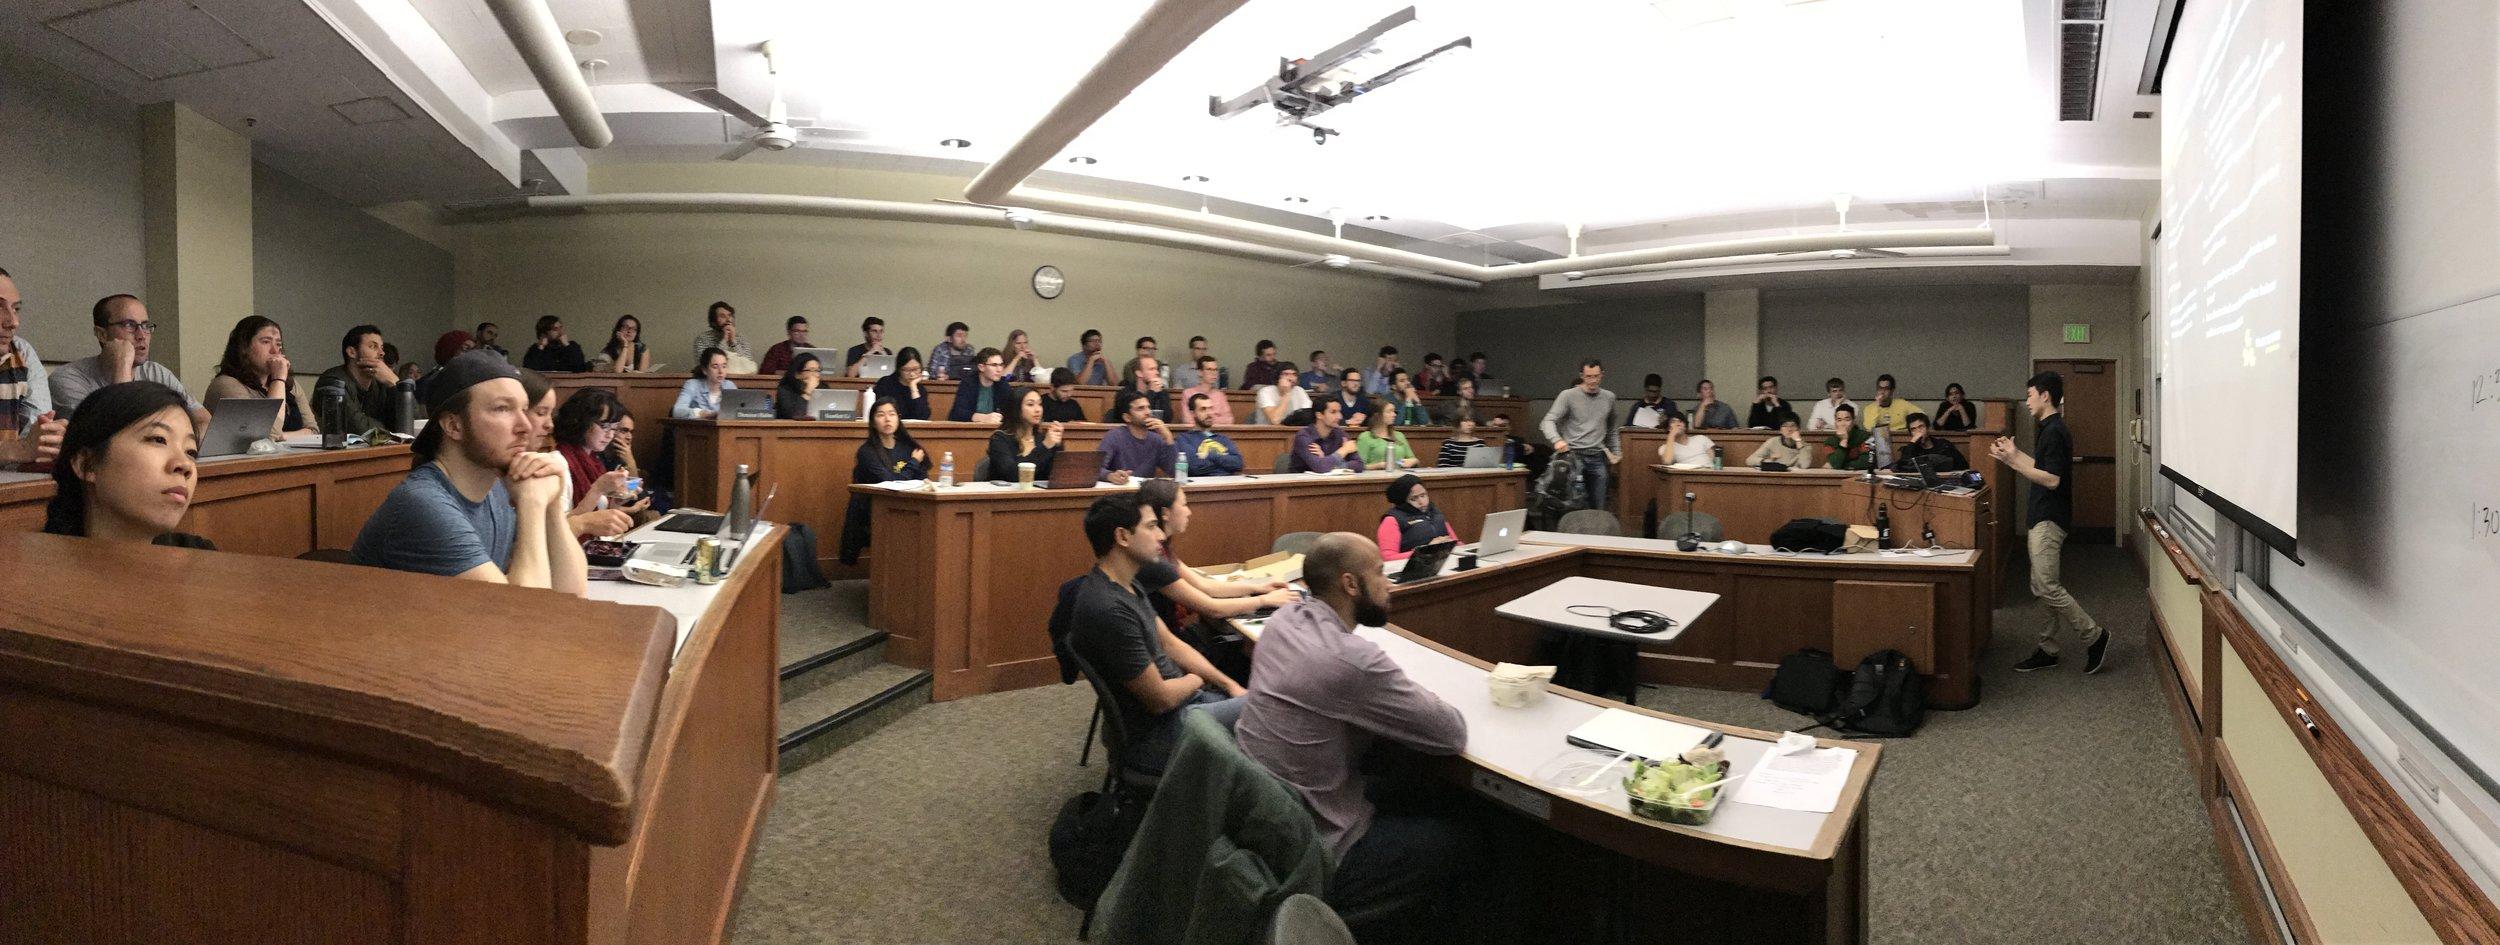 Blockchain Haas Classroom .jpg